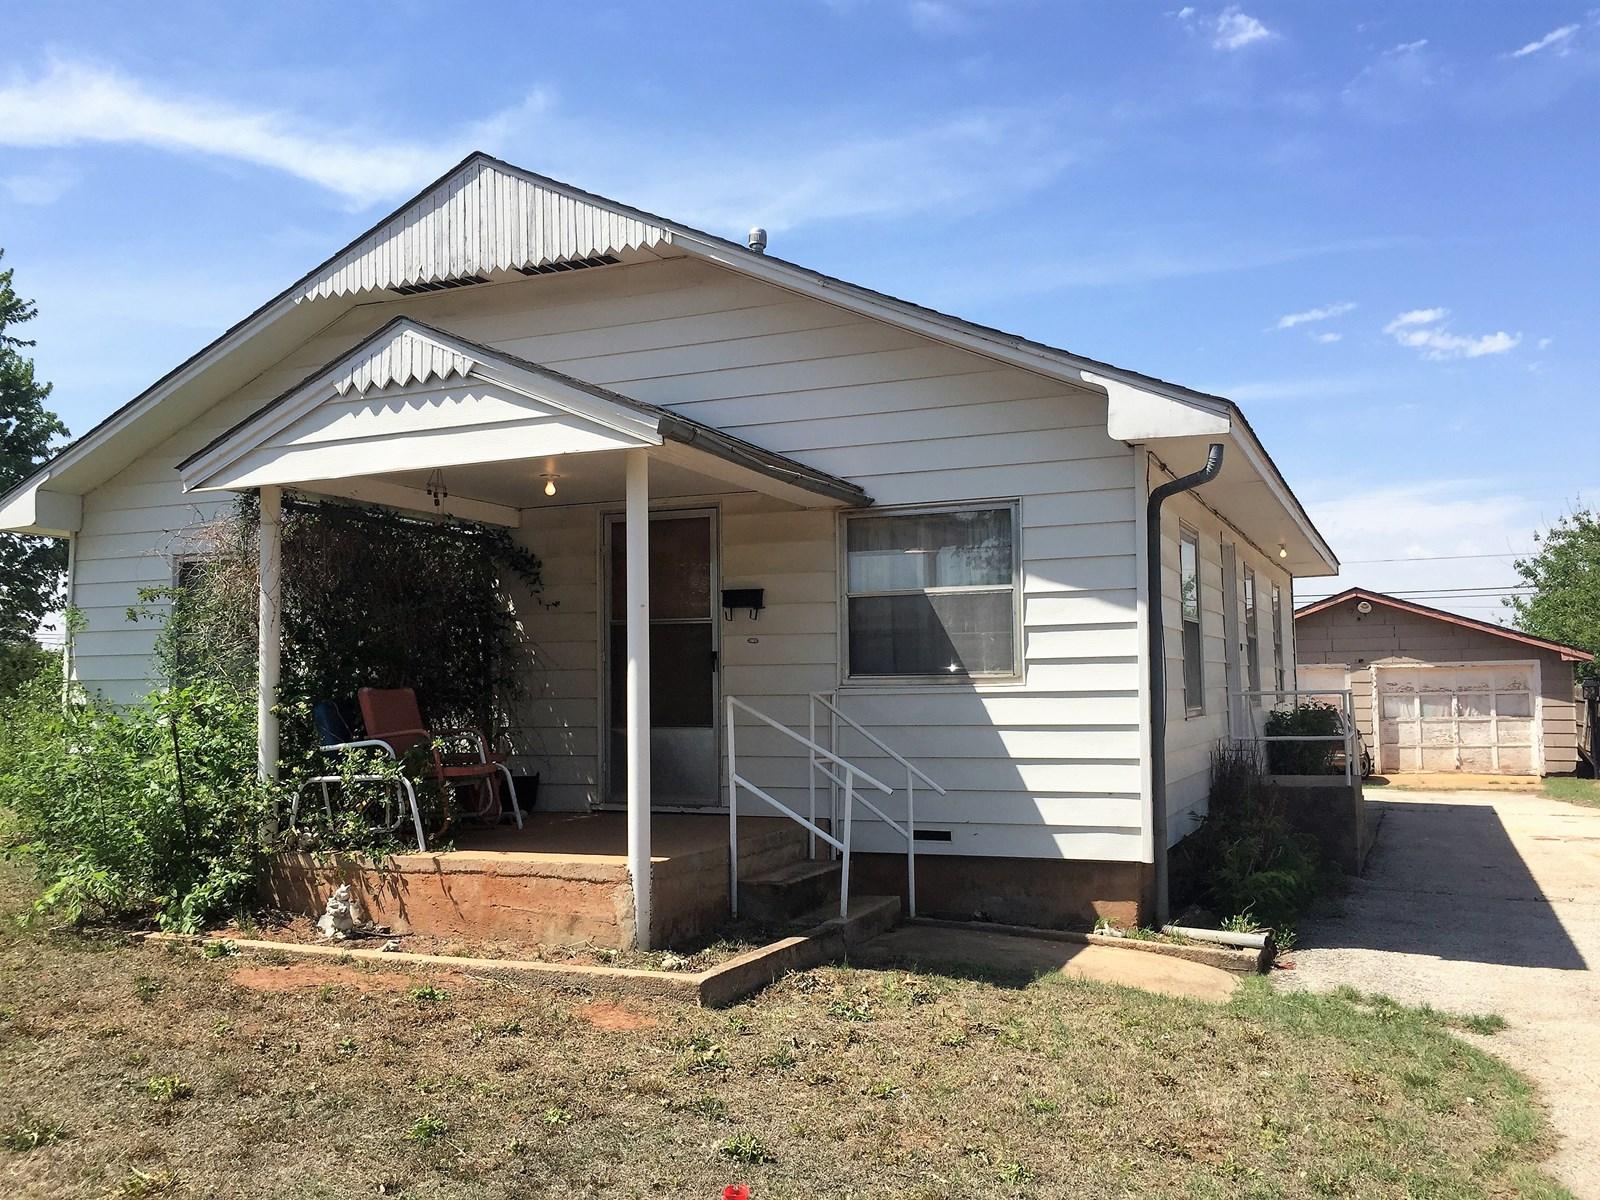 Clinton, OK 73601 House for Sale, Custer County